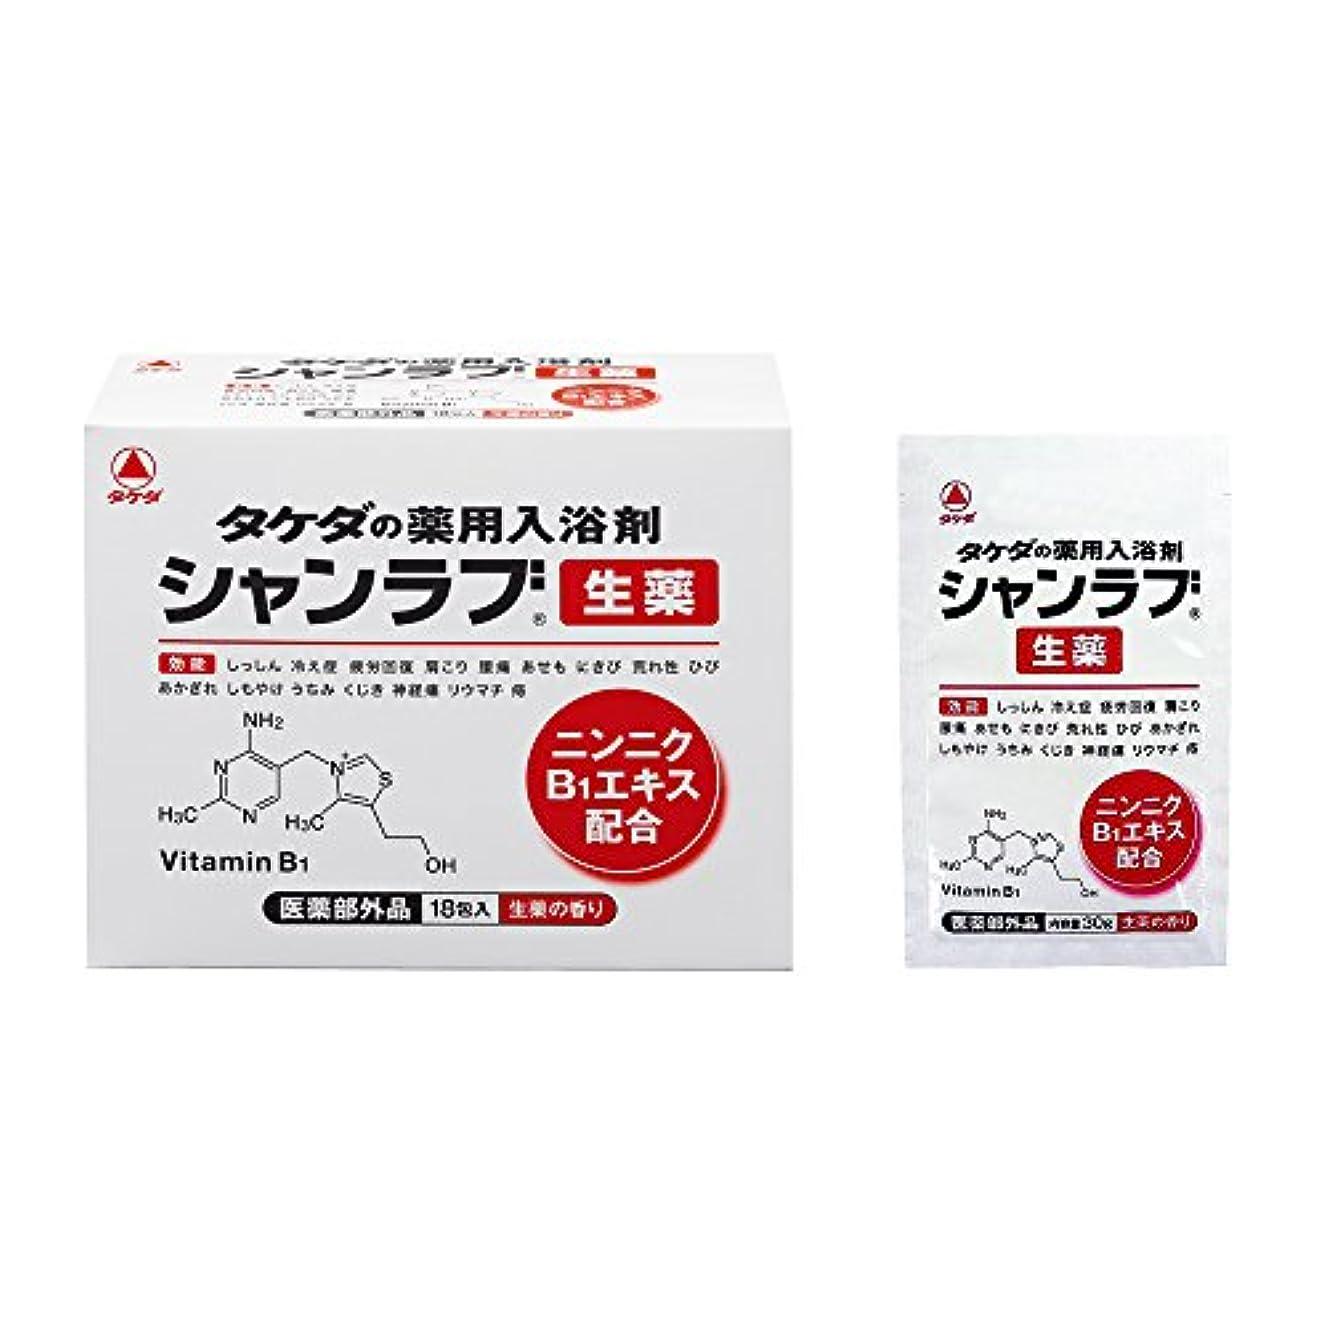 素晴らしい差し控える詳細な薬用入浴剤 シャンラブ 生薬 18包入 【医薬部外品】